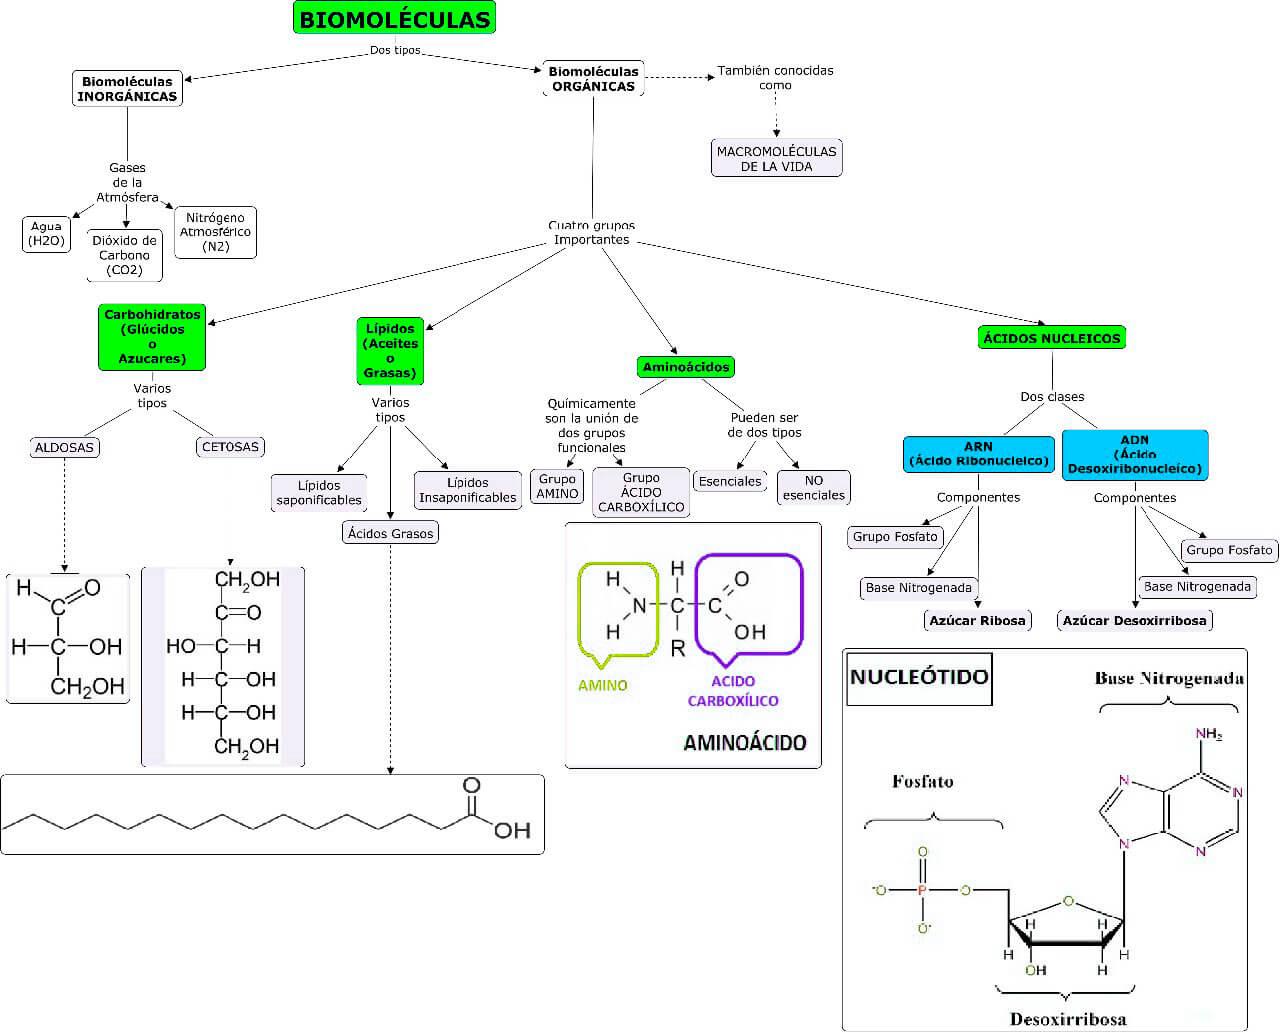 Mapa conceptual sobre Biomoléculas